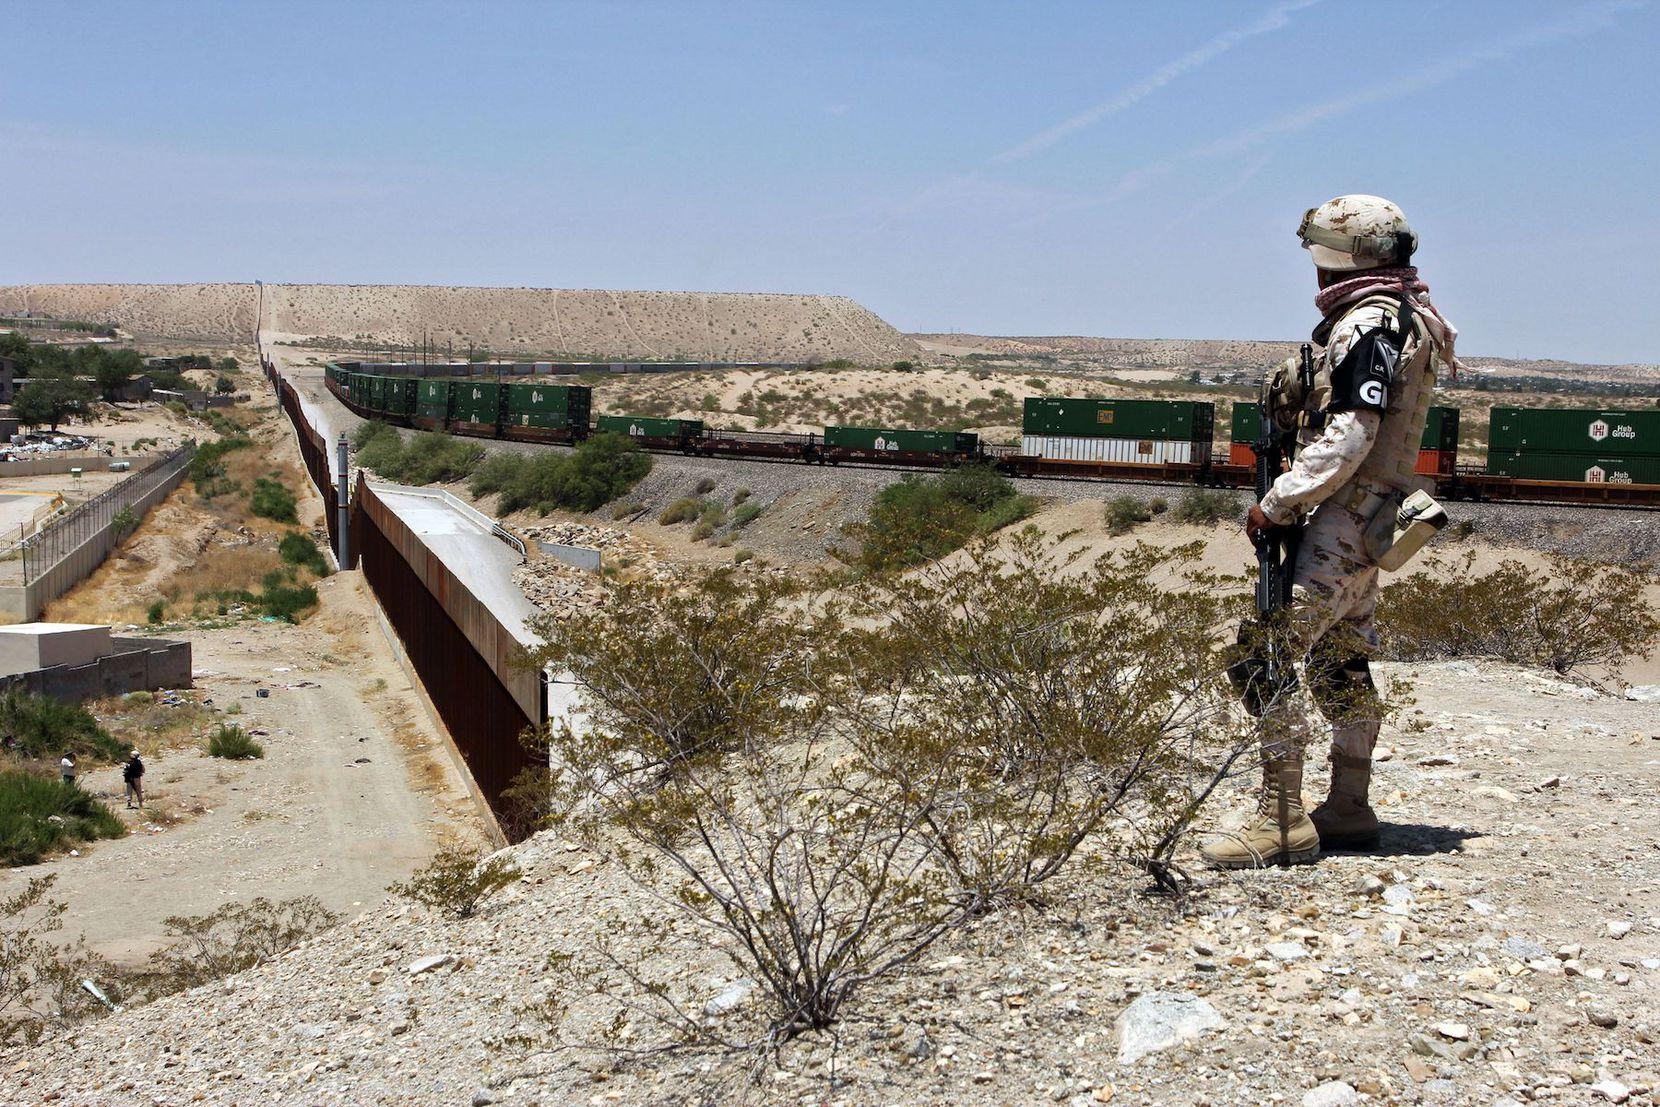 Un miembro de la Guardia Nacional vigila la frontera entre Estados Unidos y México. HERIKA MARTINEZ/AFP/Getty Images.